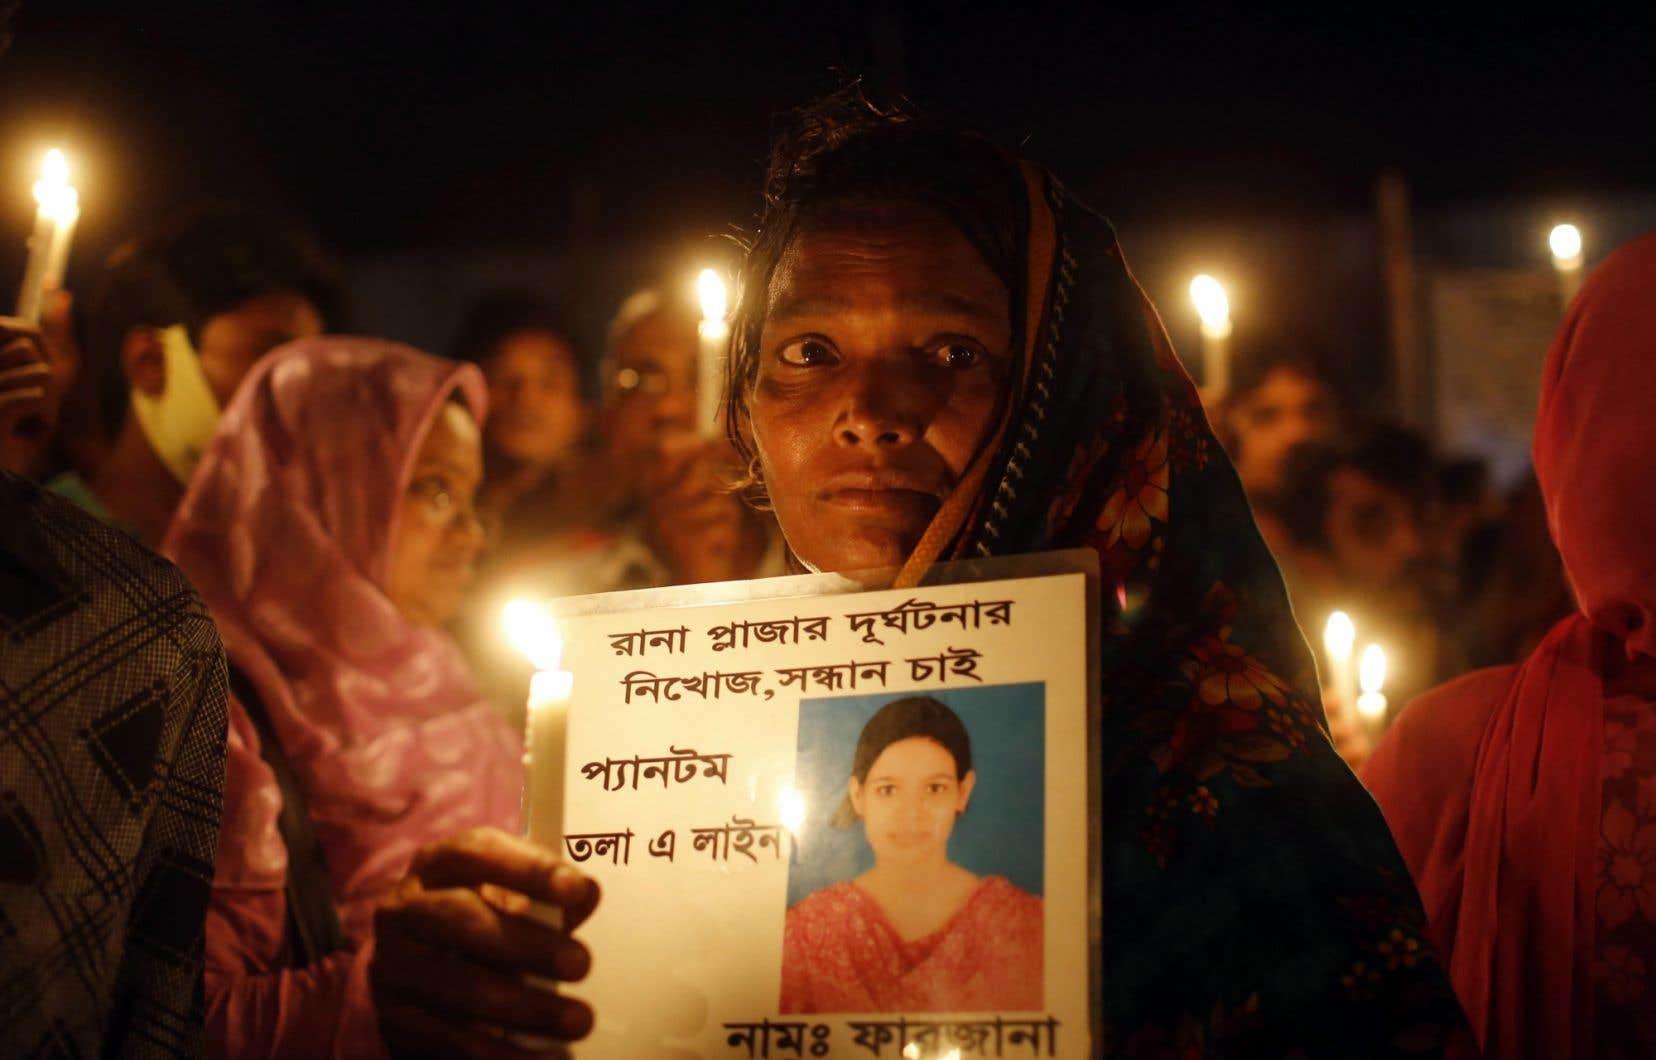 Une vigie à la mémoire des victimes de l'effondrement du Rana Plaza s'est déroulée mercredi à Savar, près de Dacca, au Bangladesh.